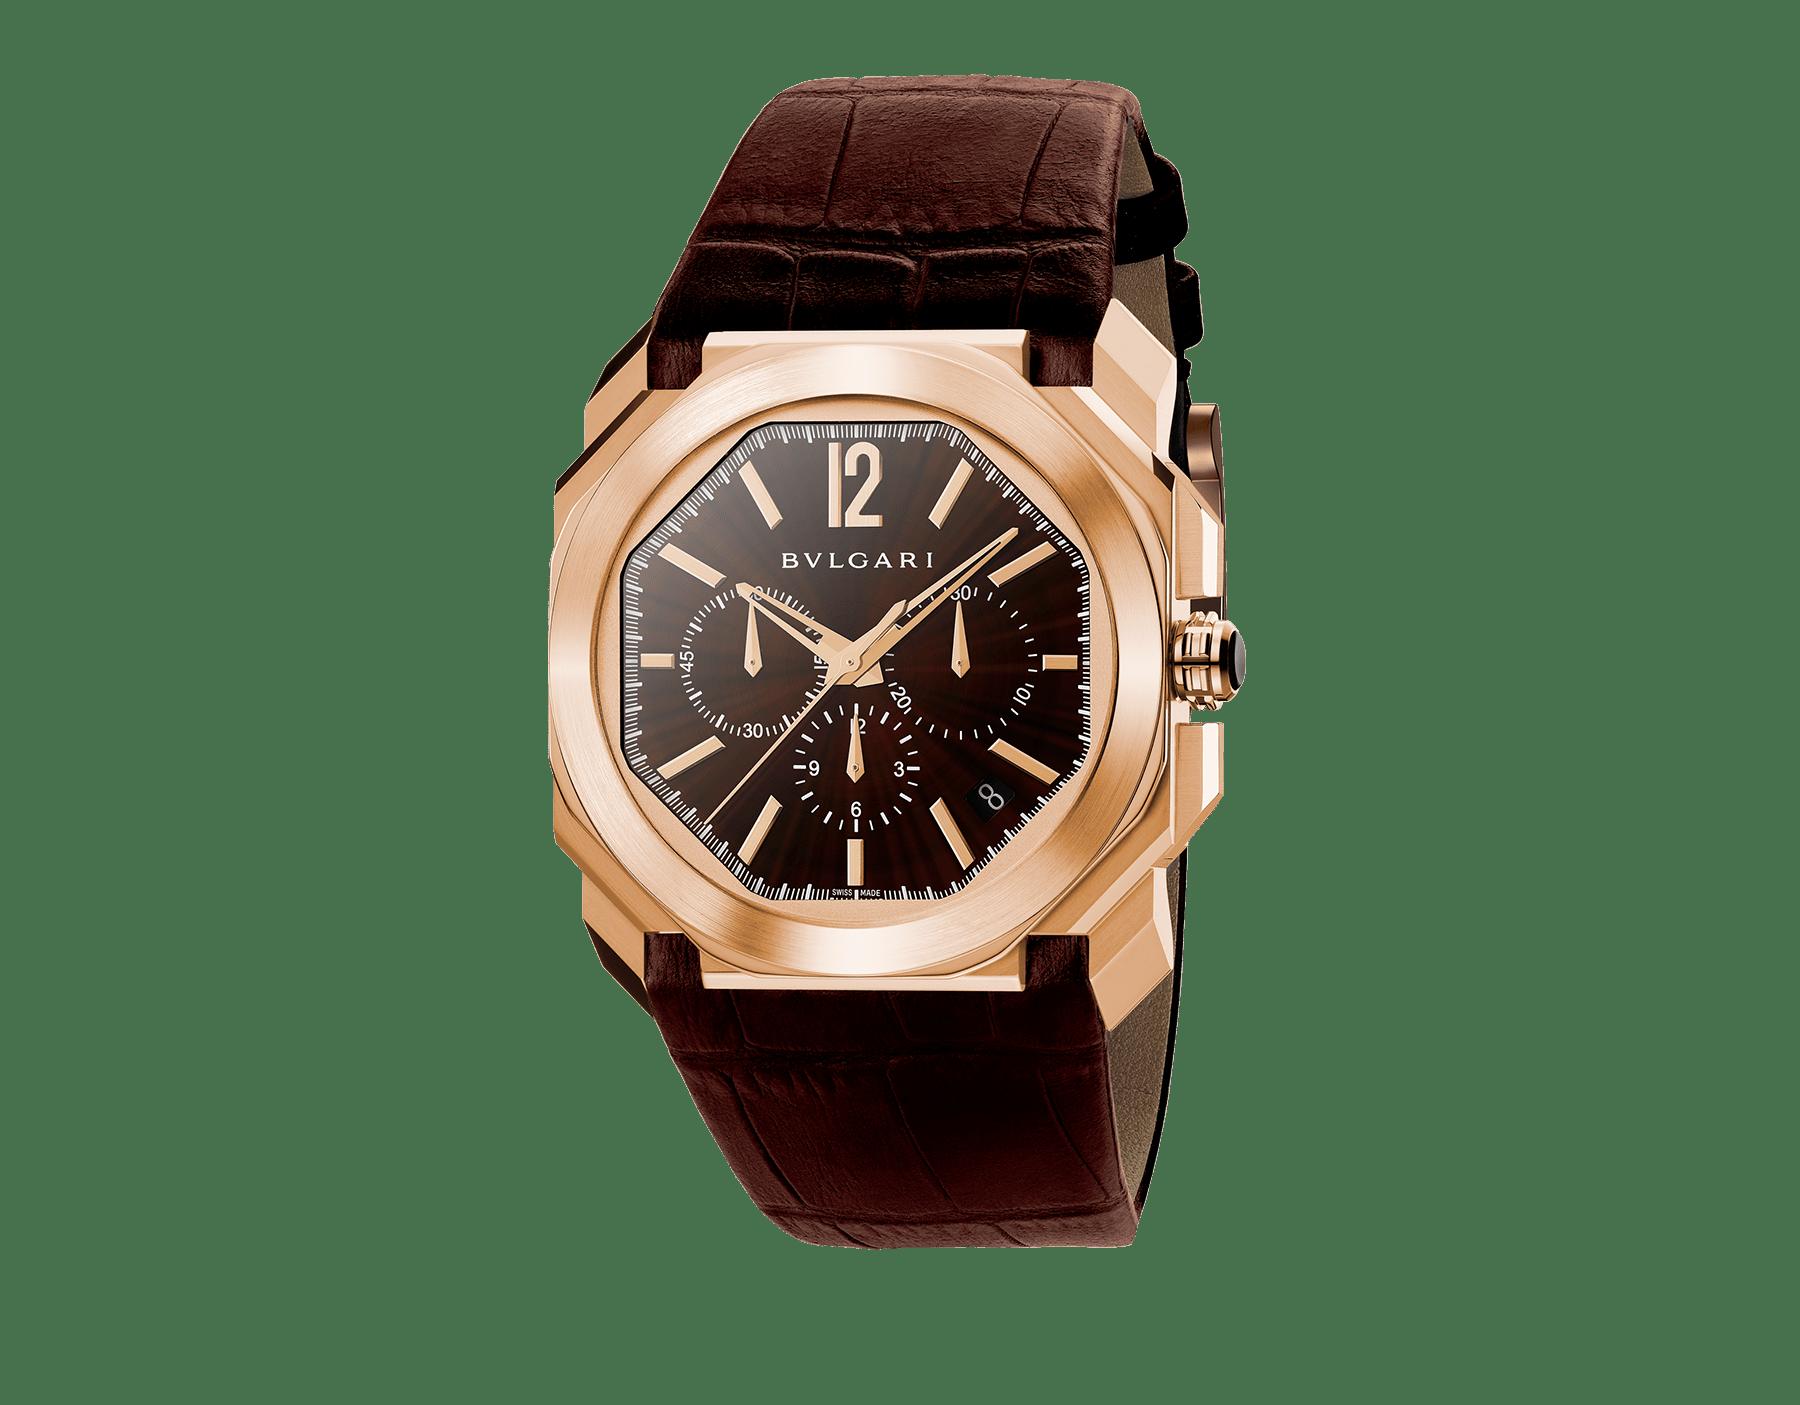 Reloj Octo con movimiento mecánico de manufactura, cronógrafo de alta frecuencia, carga automática y fecha, caja en oro rosa de 18 qt, esfera lacada en marrón y correa de piel de aligátor marrón. 102259 image 1